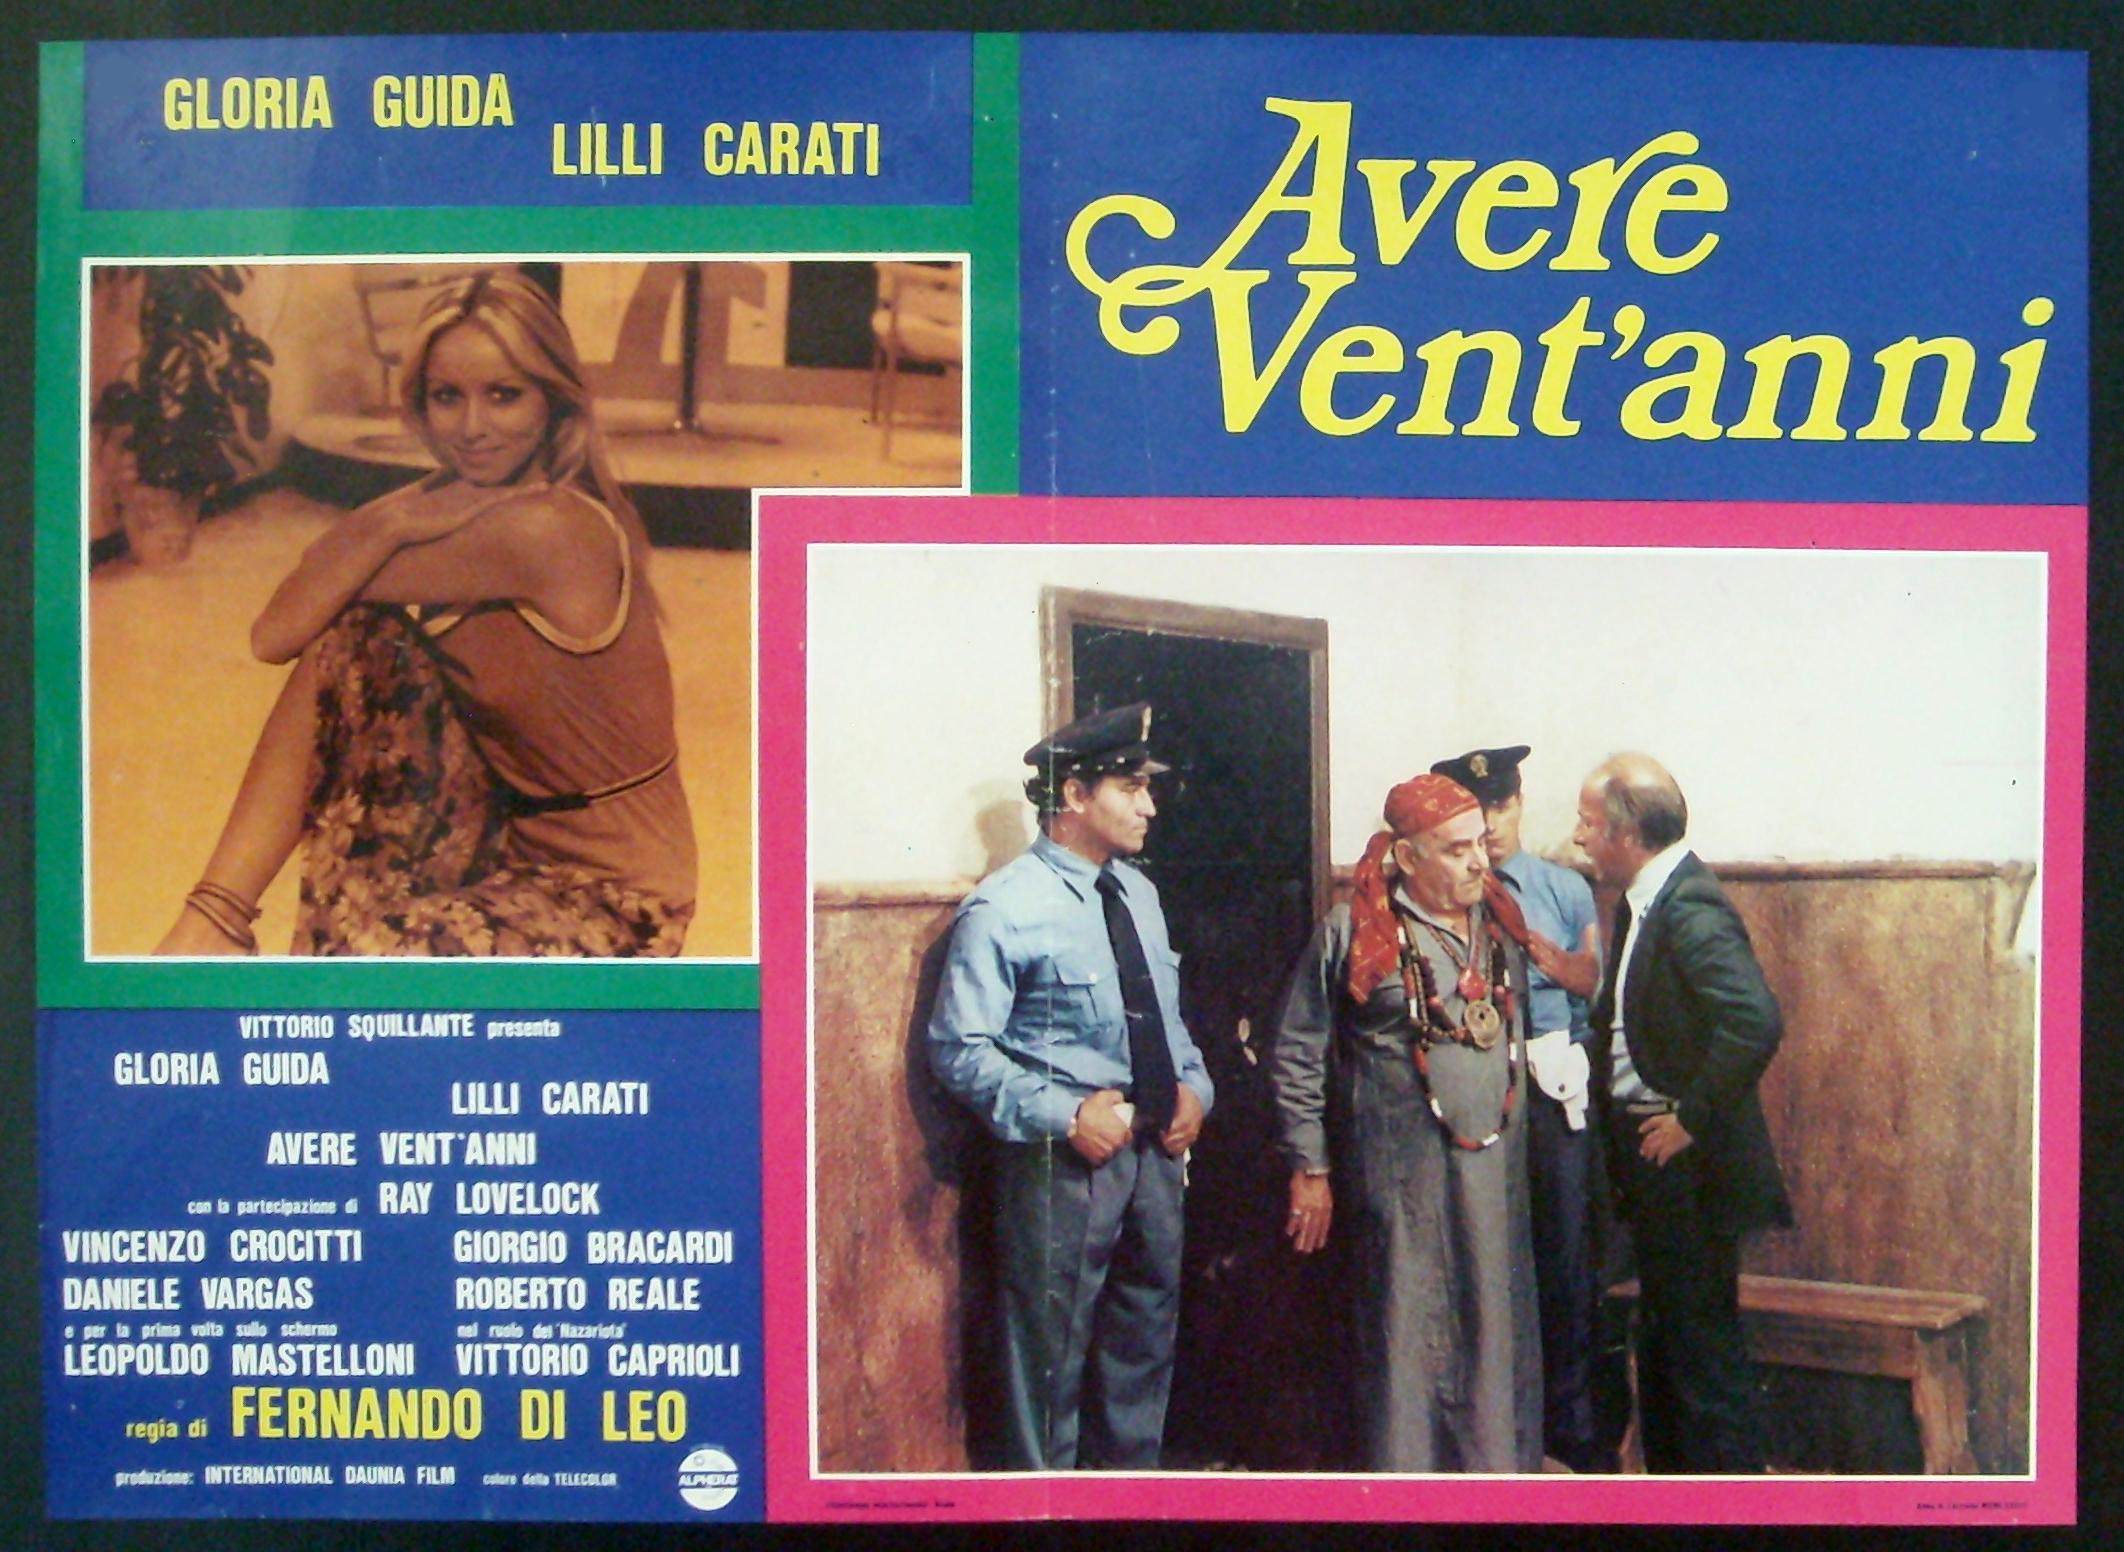 Gloria Guida in Avere vent'anni (1978)